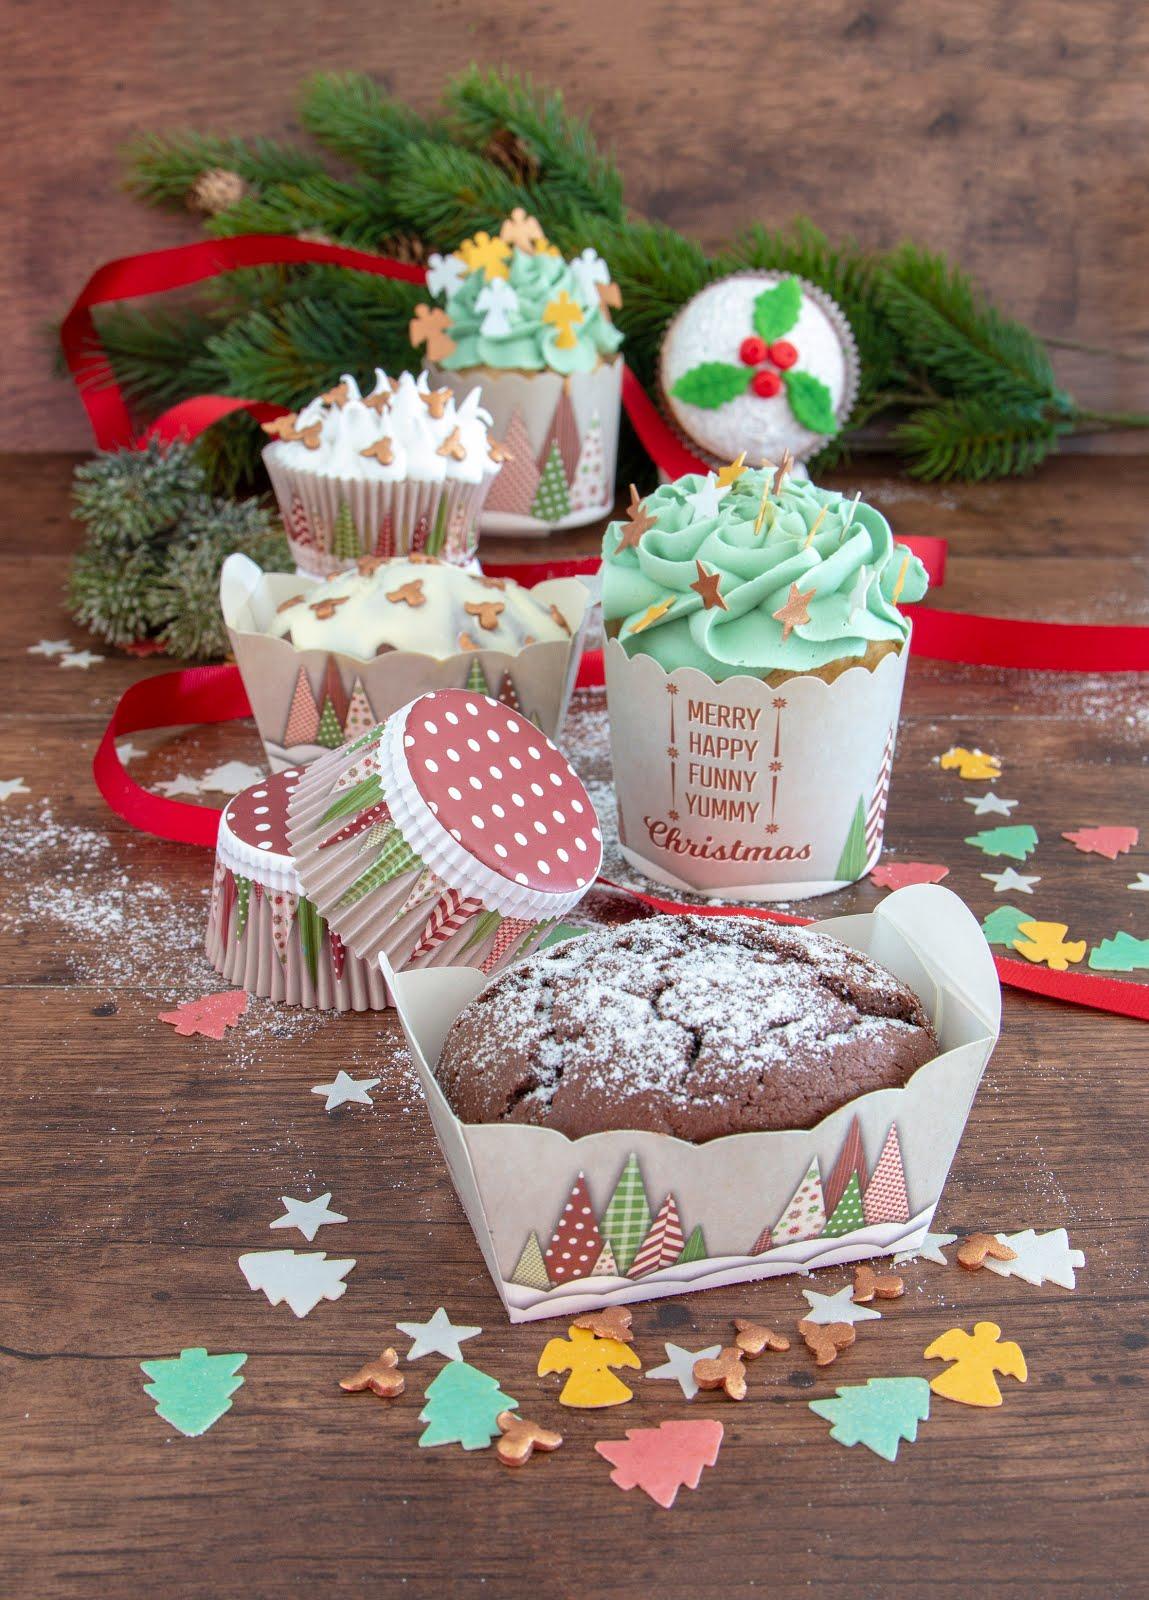 Städter Papierbackförmchen für Muffins, kleine Kuchen und Cupcakes